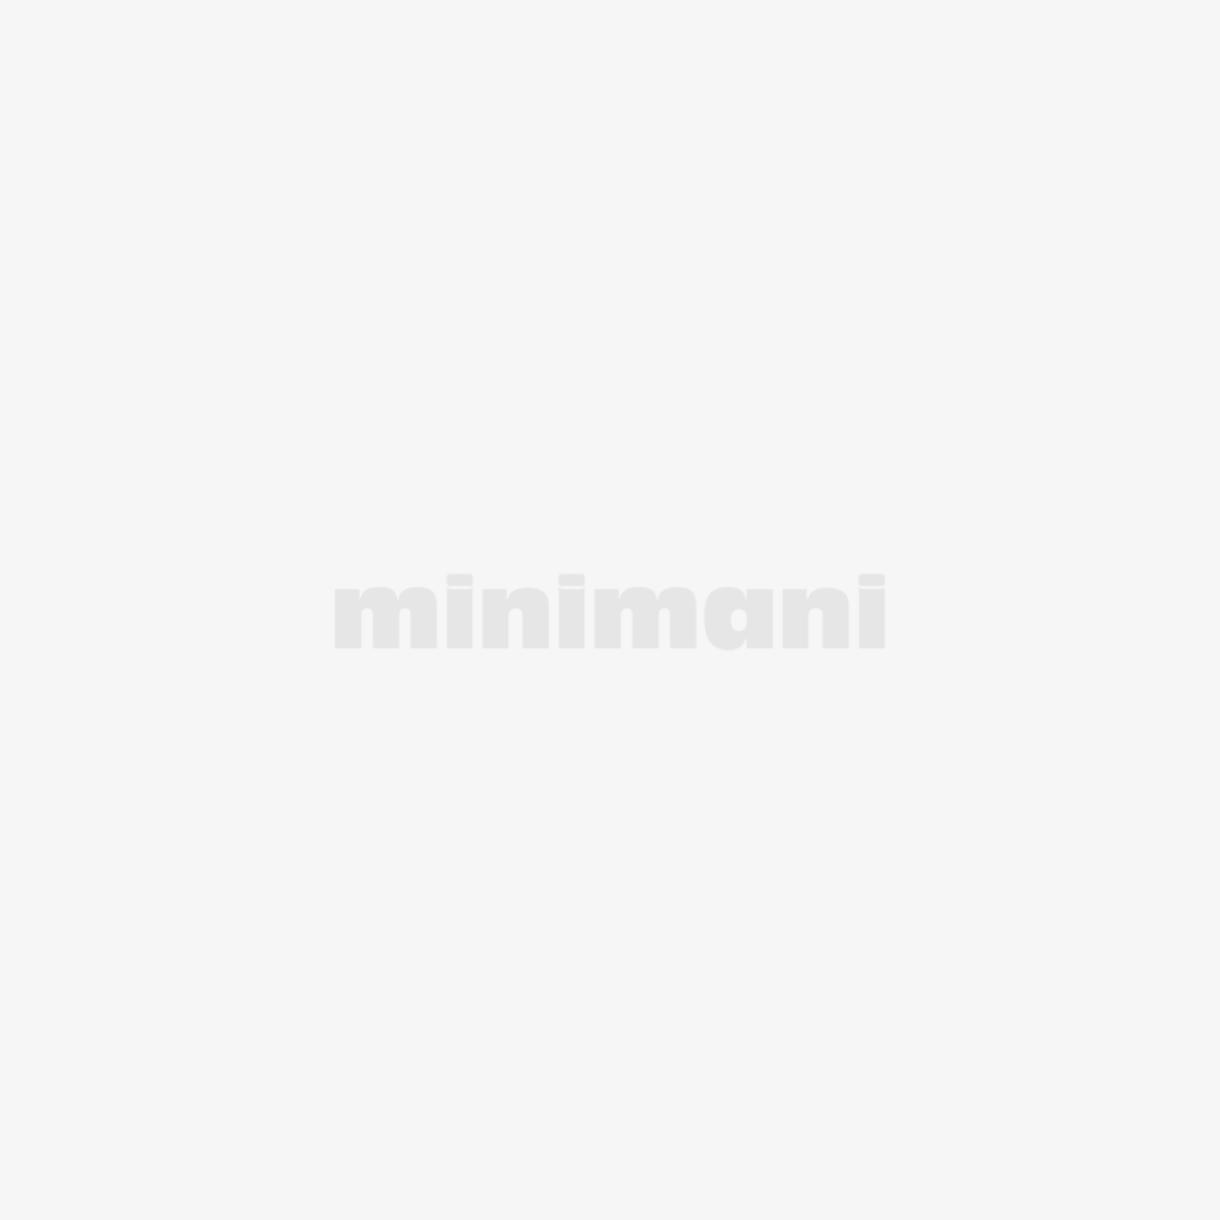 OBH NORDICA 6792 MONITOIMIKONE COMPACT FRESH MUSTA